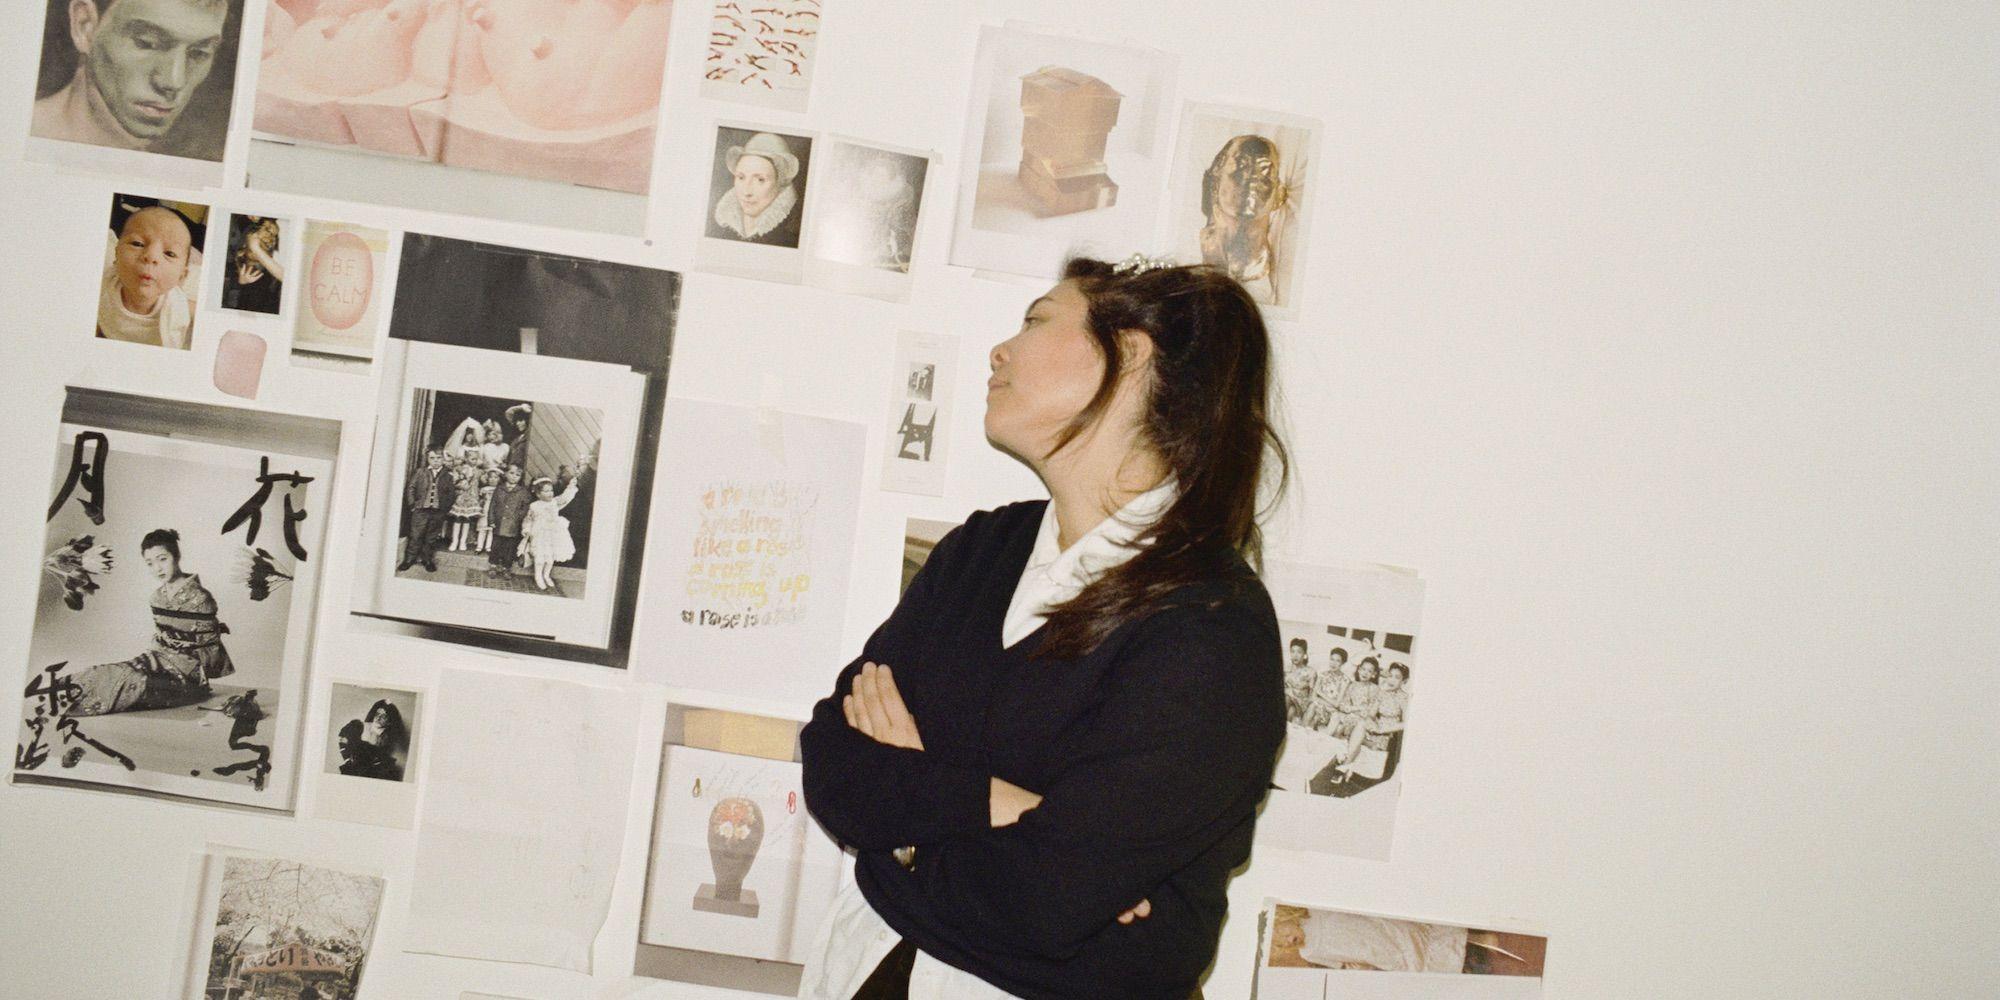 Simone Rocha On The Power Of Femininity